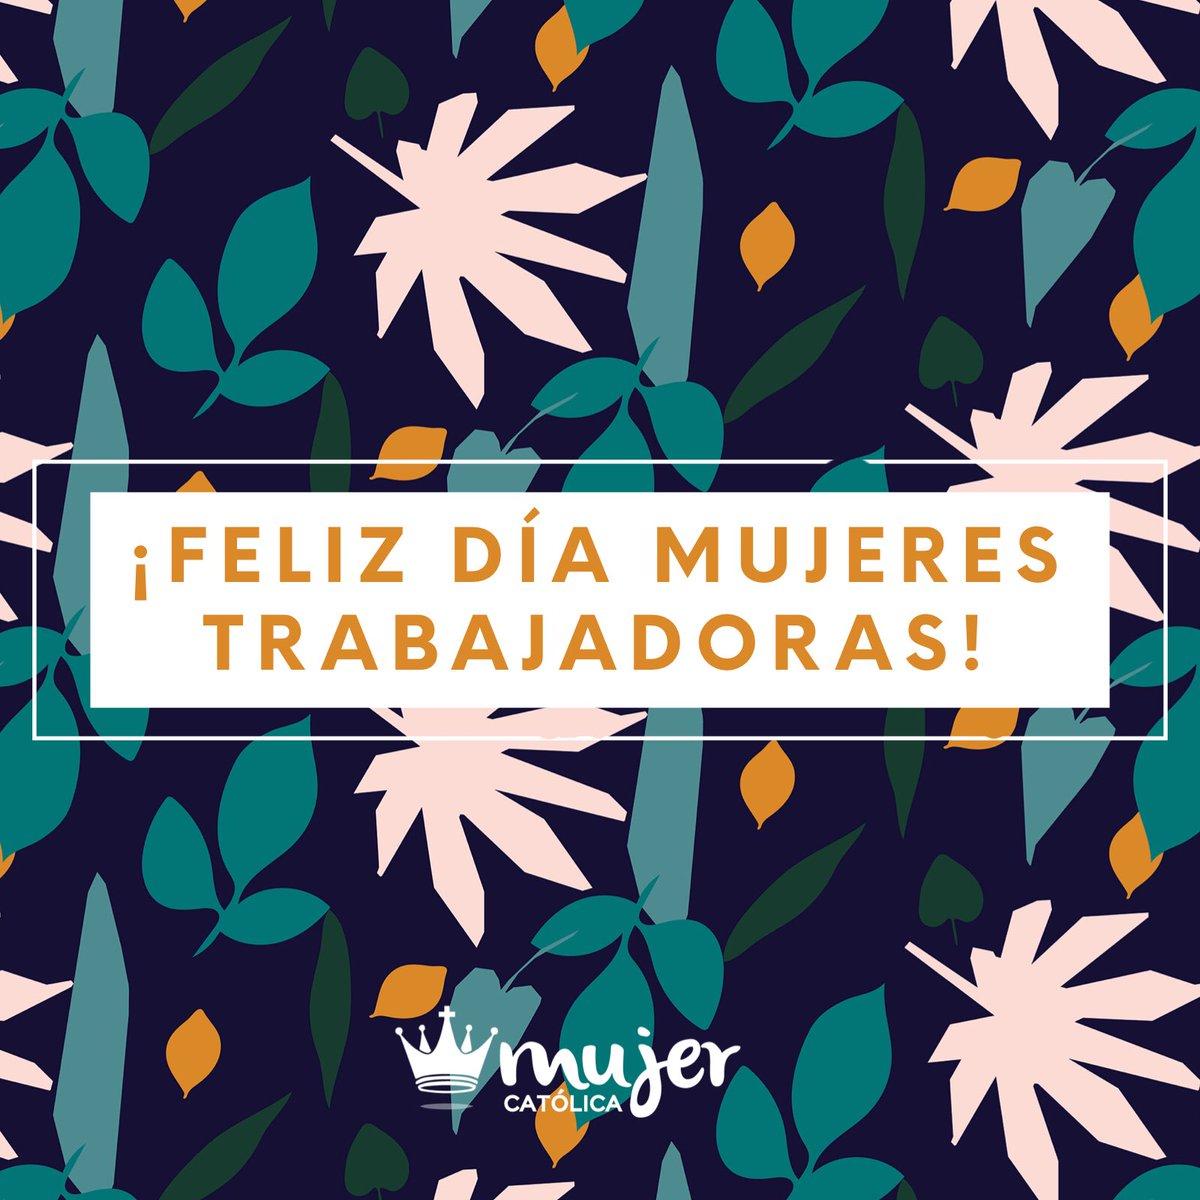 """Dia Del Trabajador Mujeres mujer católica ن no twitter: """"hermosas mujeres feliz día"""